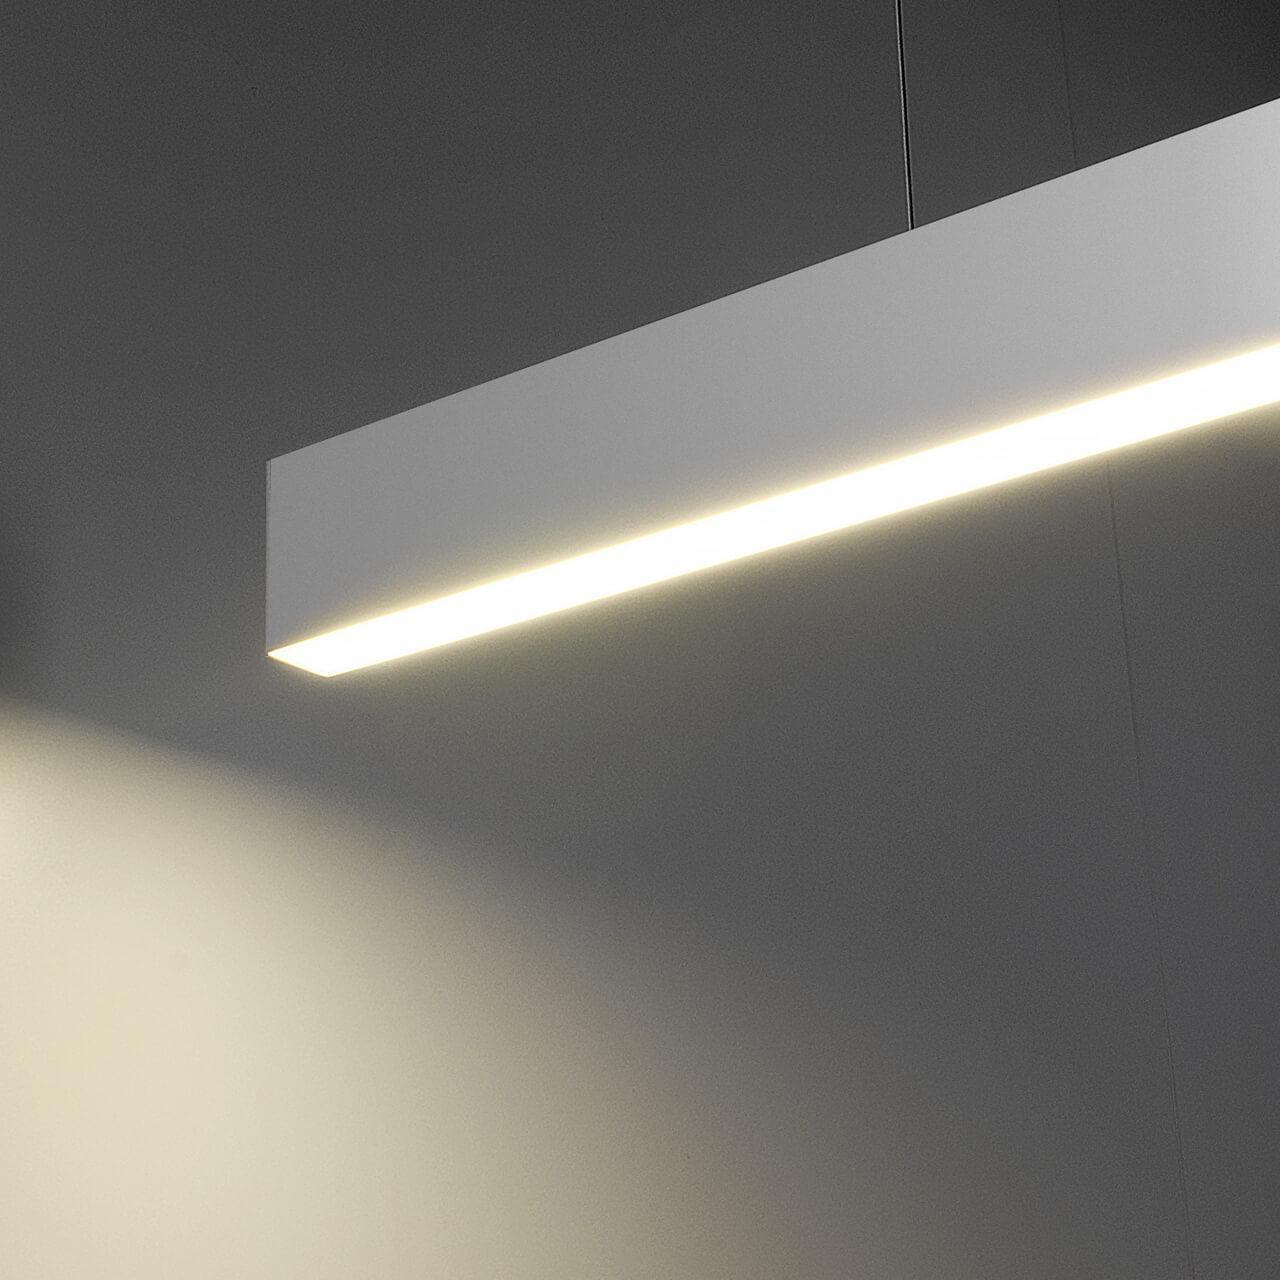 Подвесной светодиодный светильник Elektrostandard LSG-01-2-8 128-35-4200-MS 4690389129438 цены